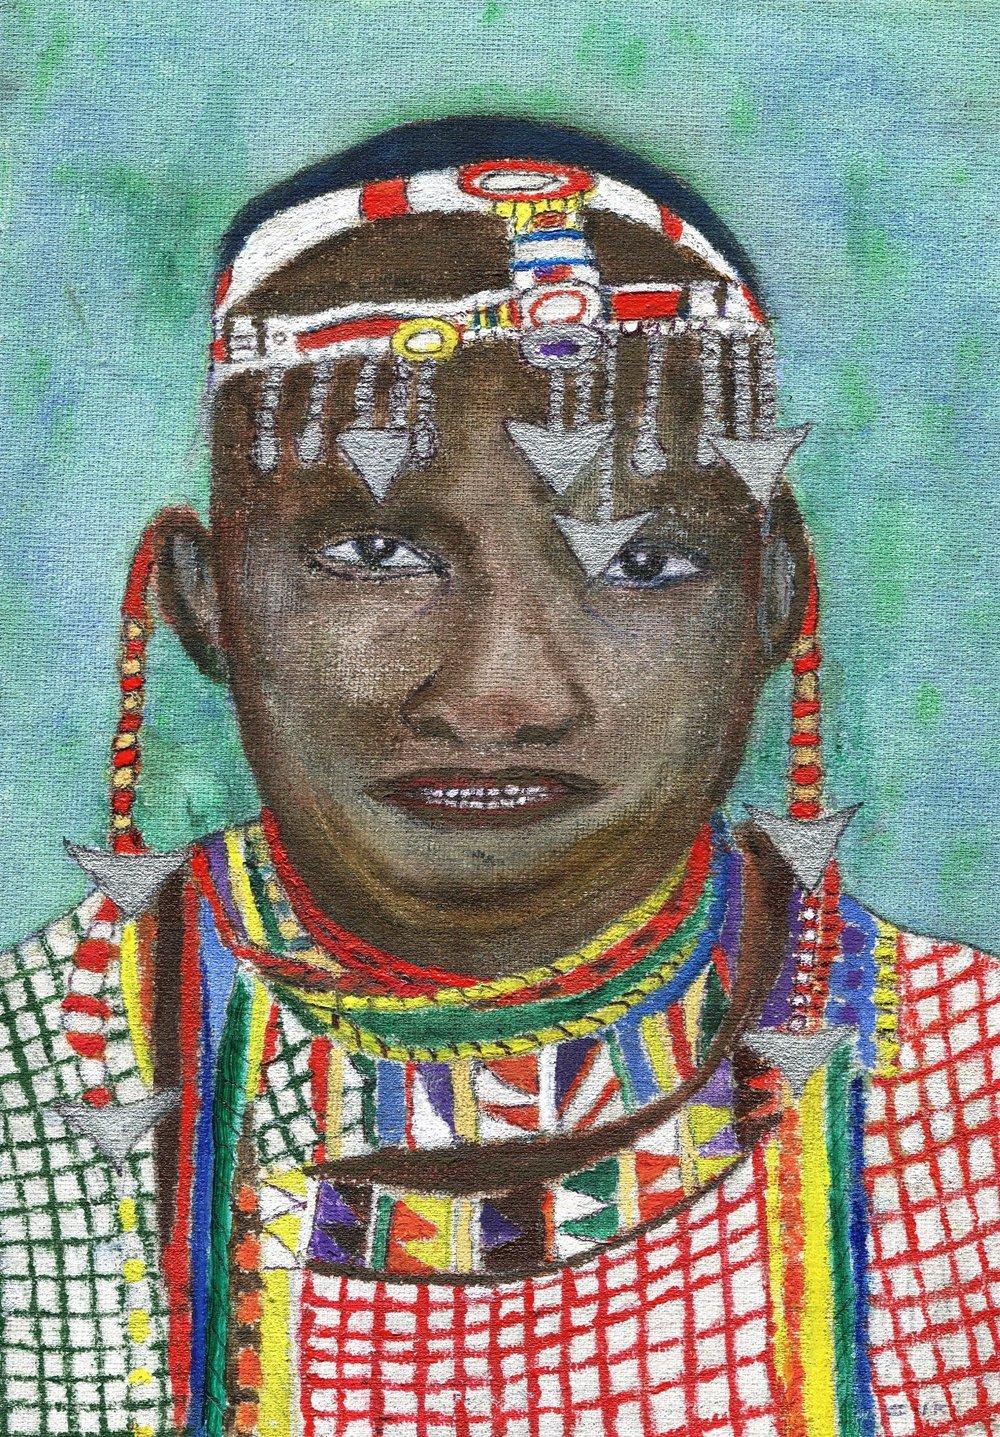 03b Chris Lake, Ndebele Wedding Groom, Acrylic on board